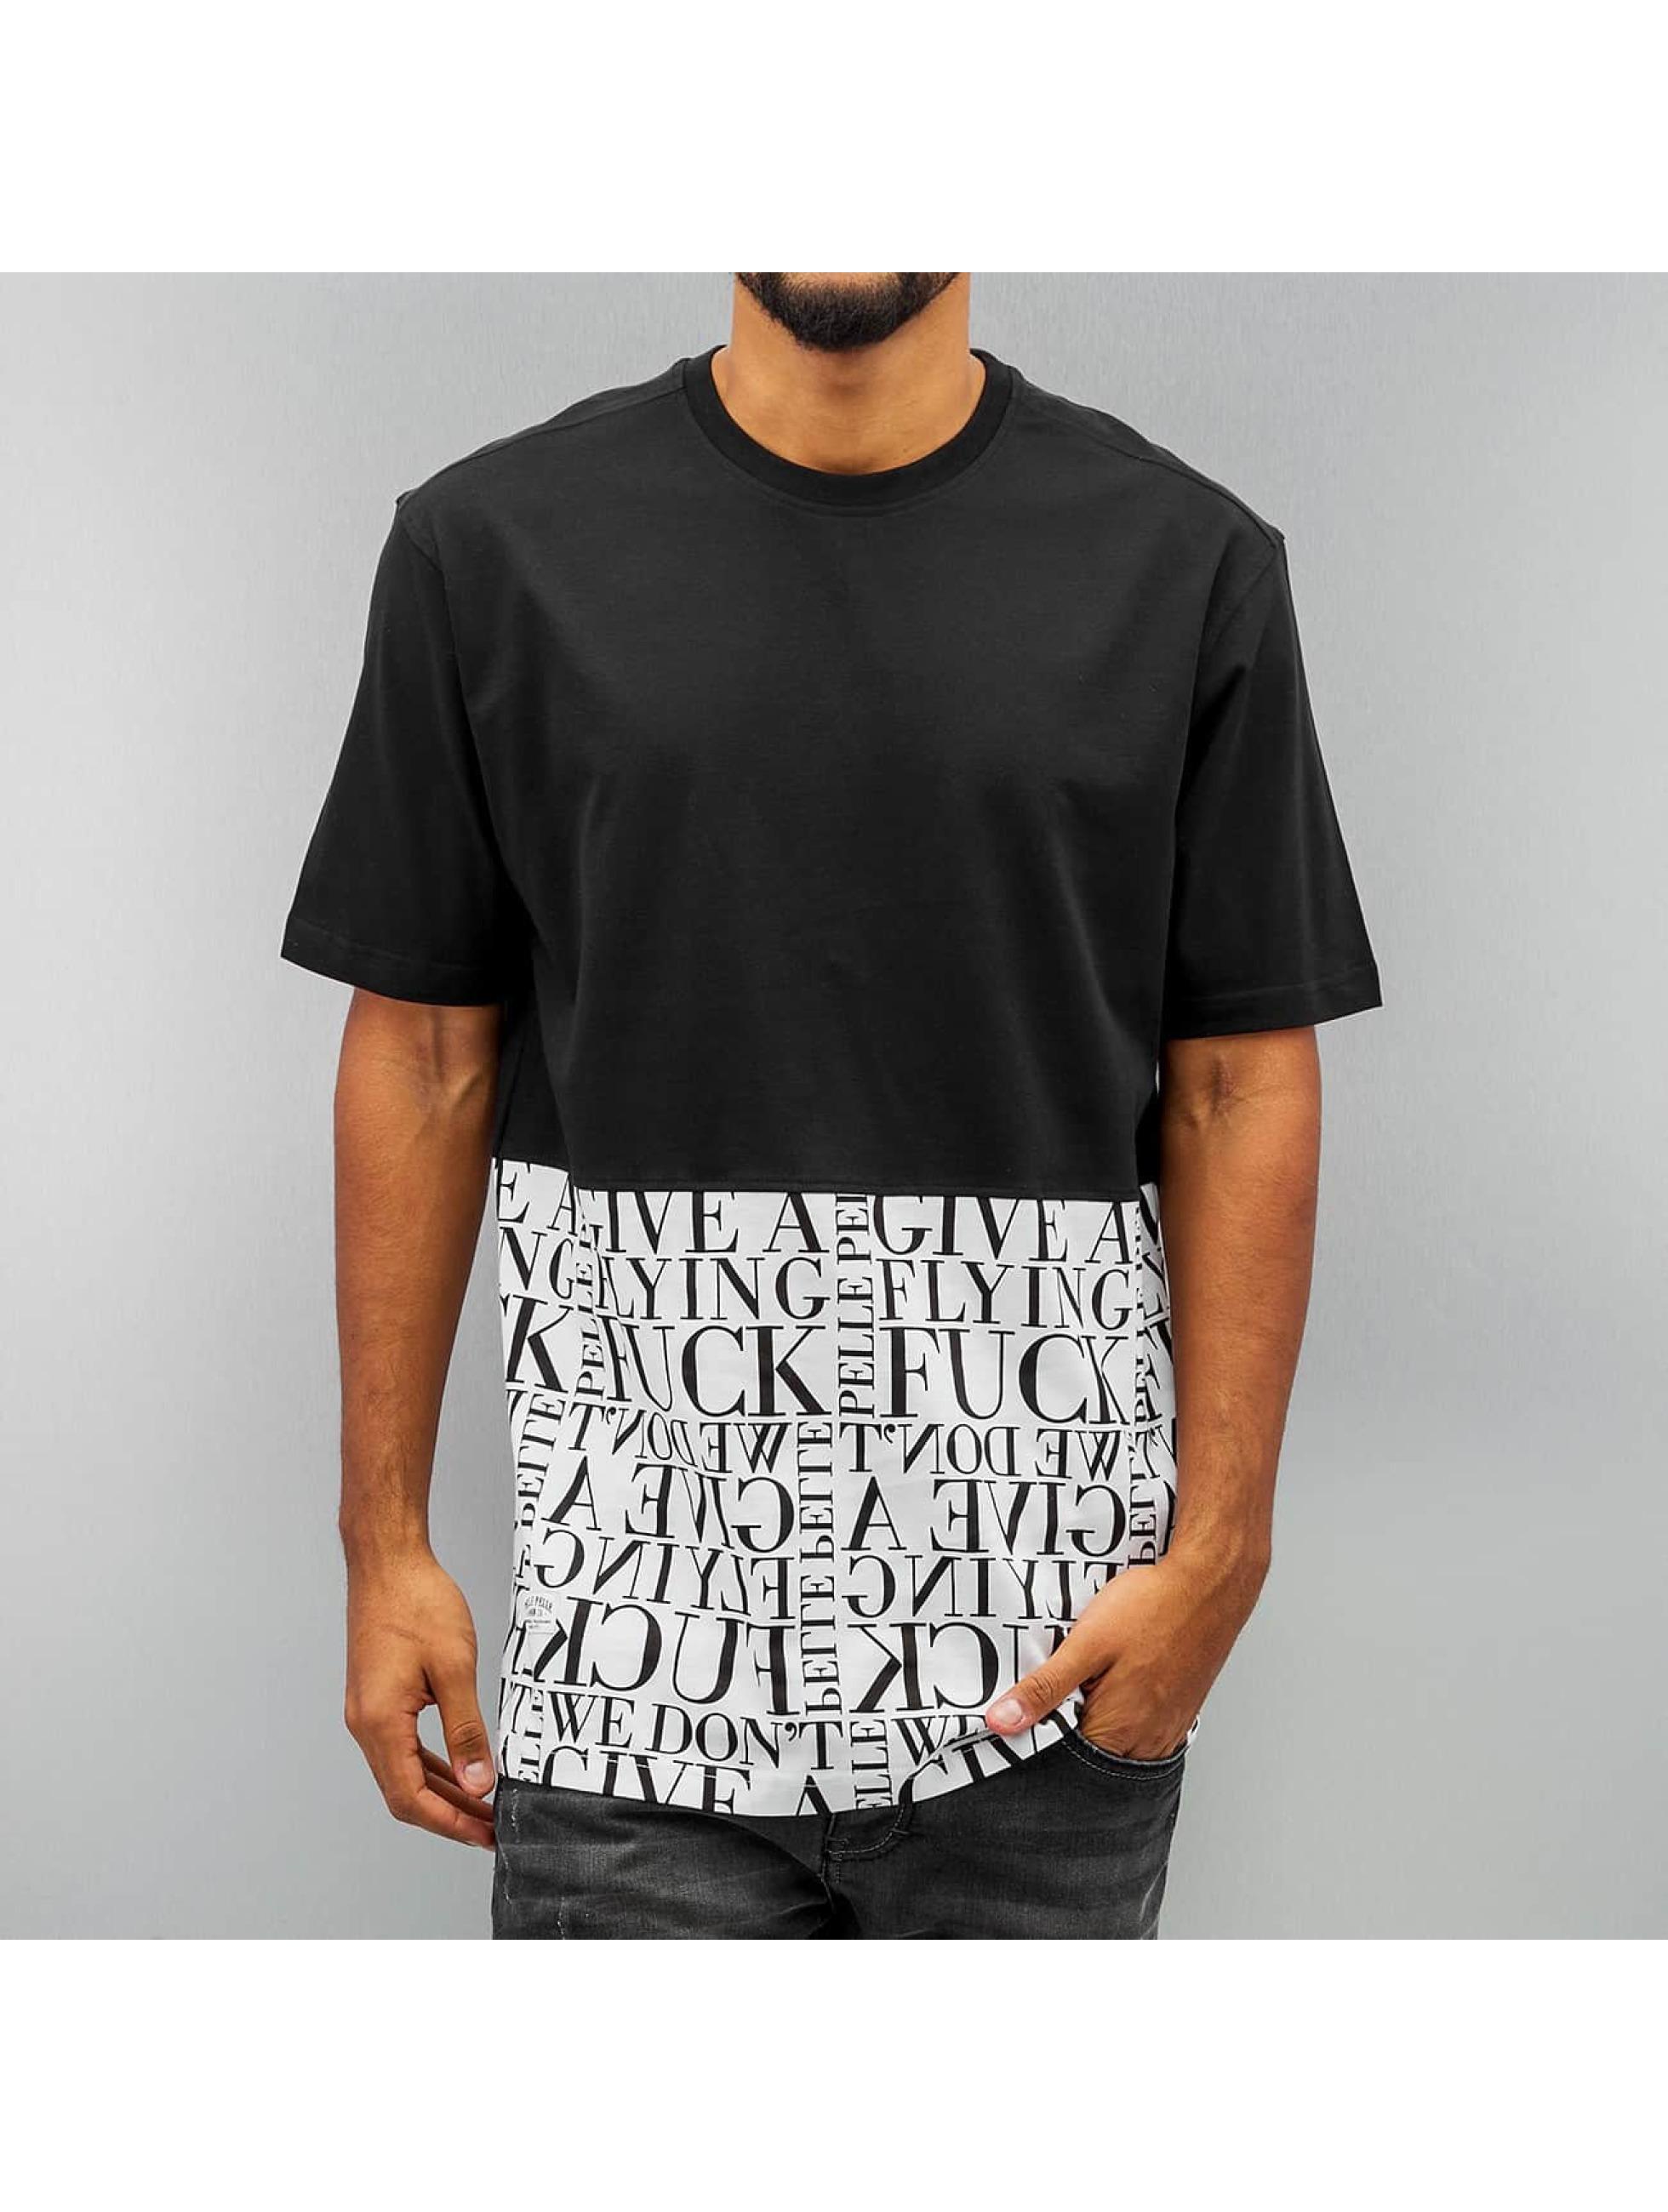 Pelle Pelle T-Shirt Half black